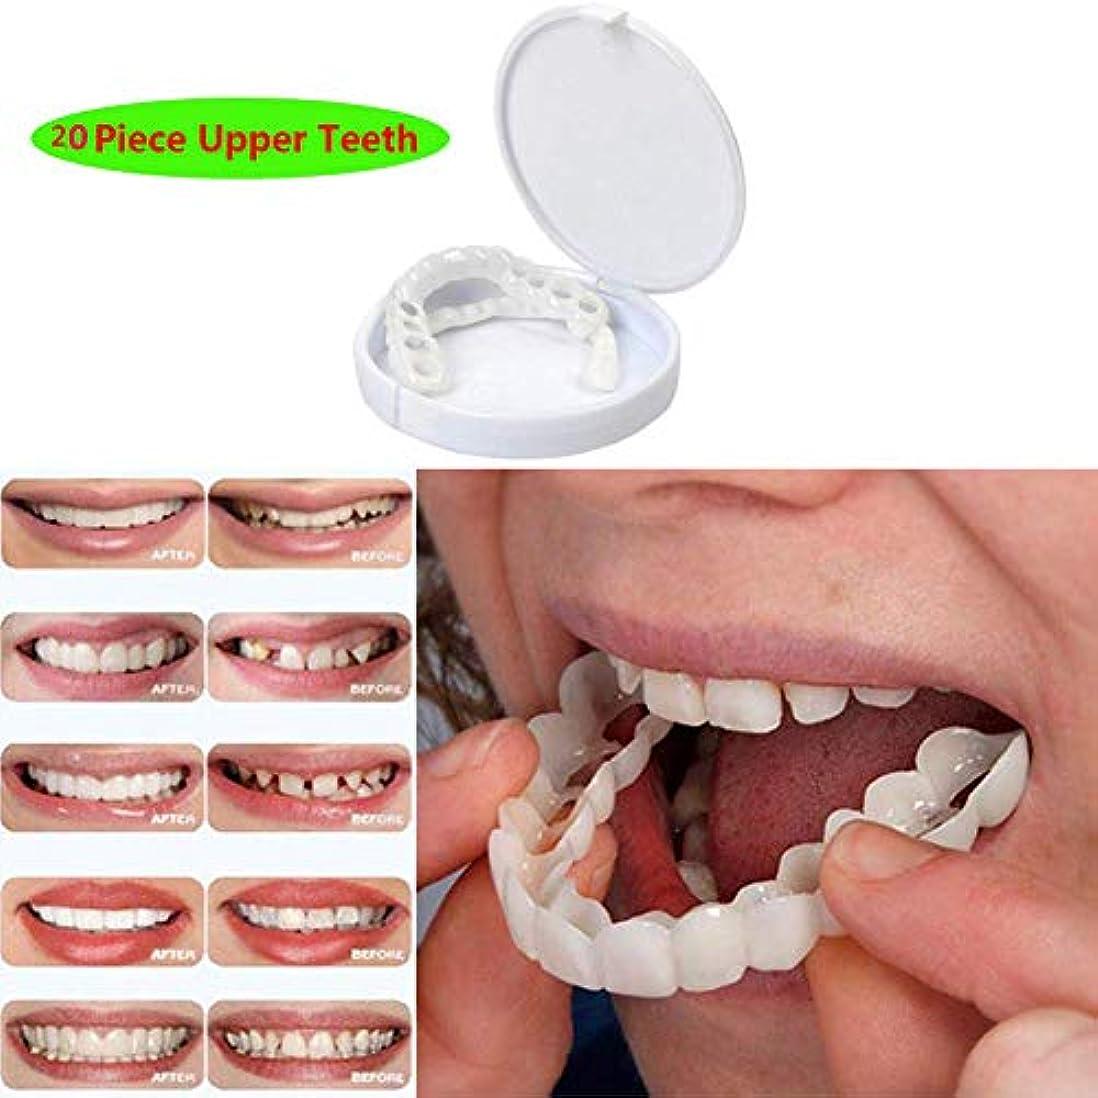 賞賛する悪化させるゆるく20Pcs一時的な化粧品の歯の義歯の化粧品は白くなることを模倣した上括弧を模倣しました